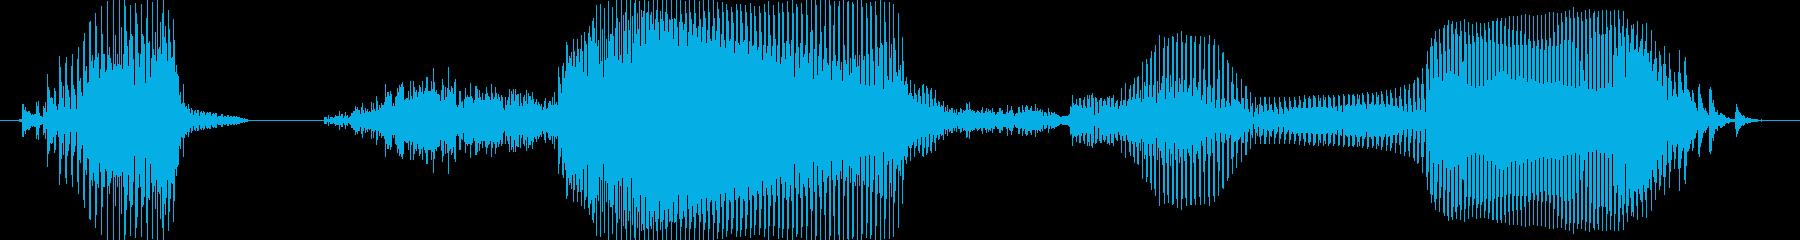 ごちそうさま!の再生済みの波形